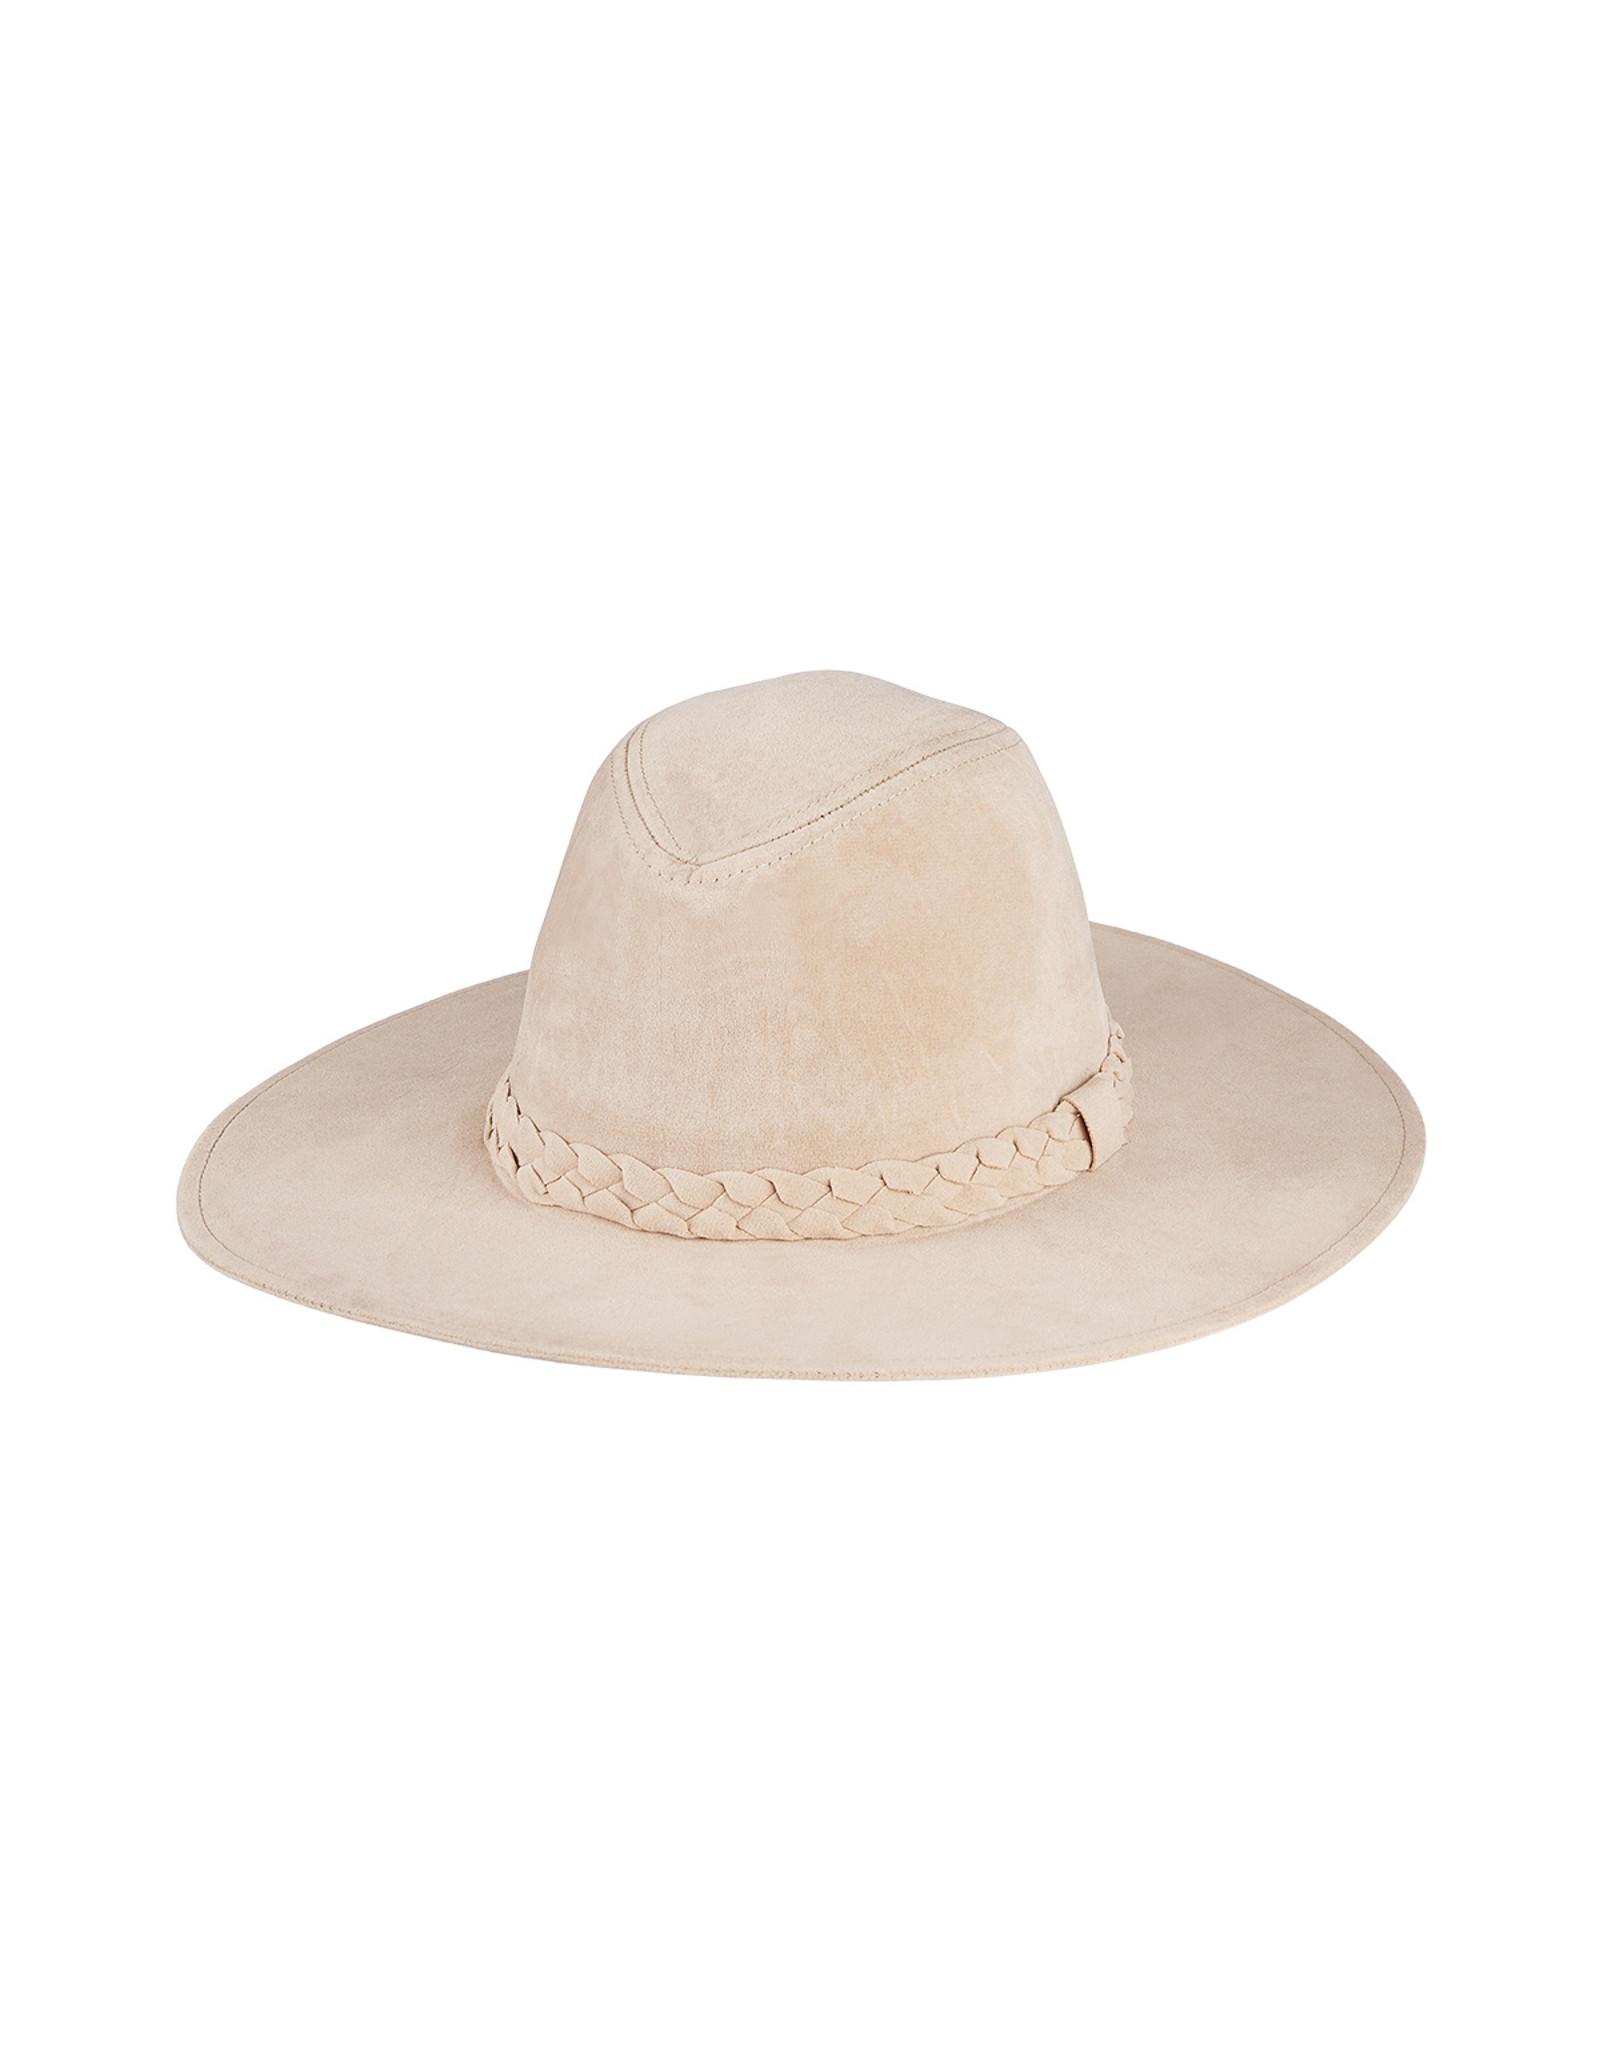 SUEDE HAT BEIGE